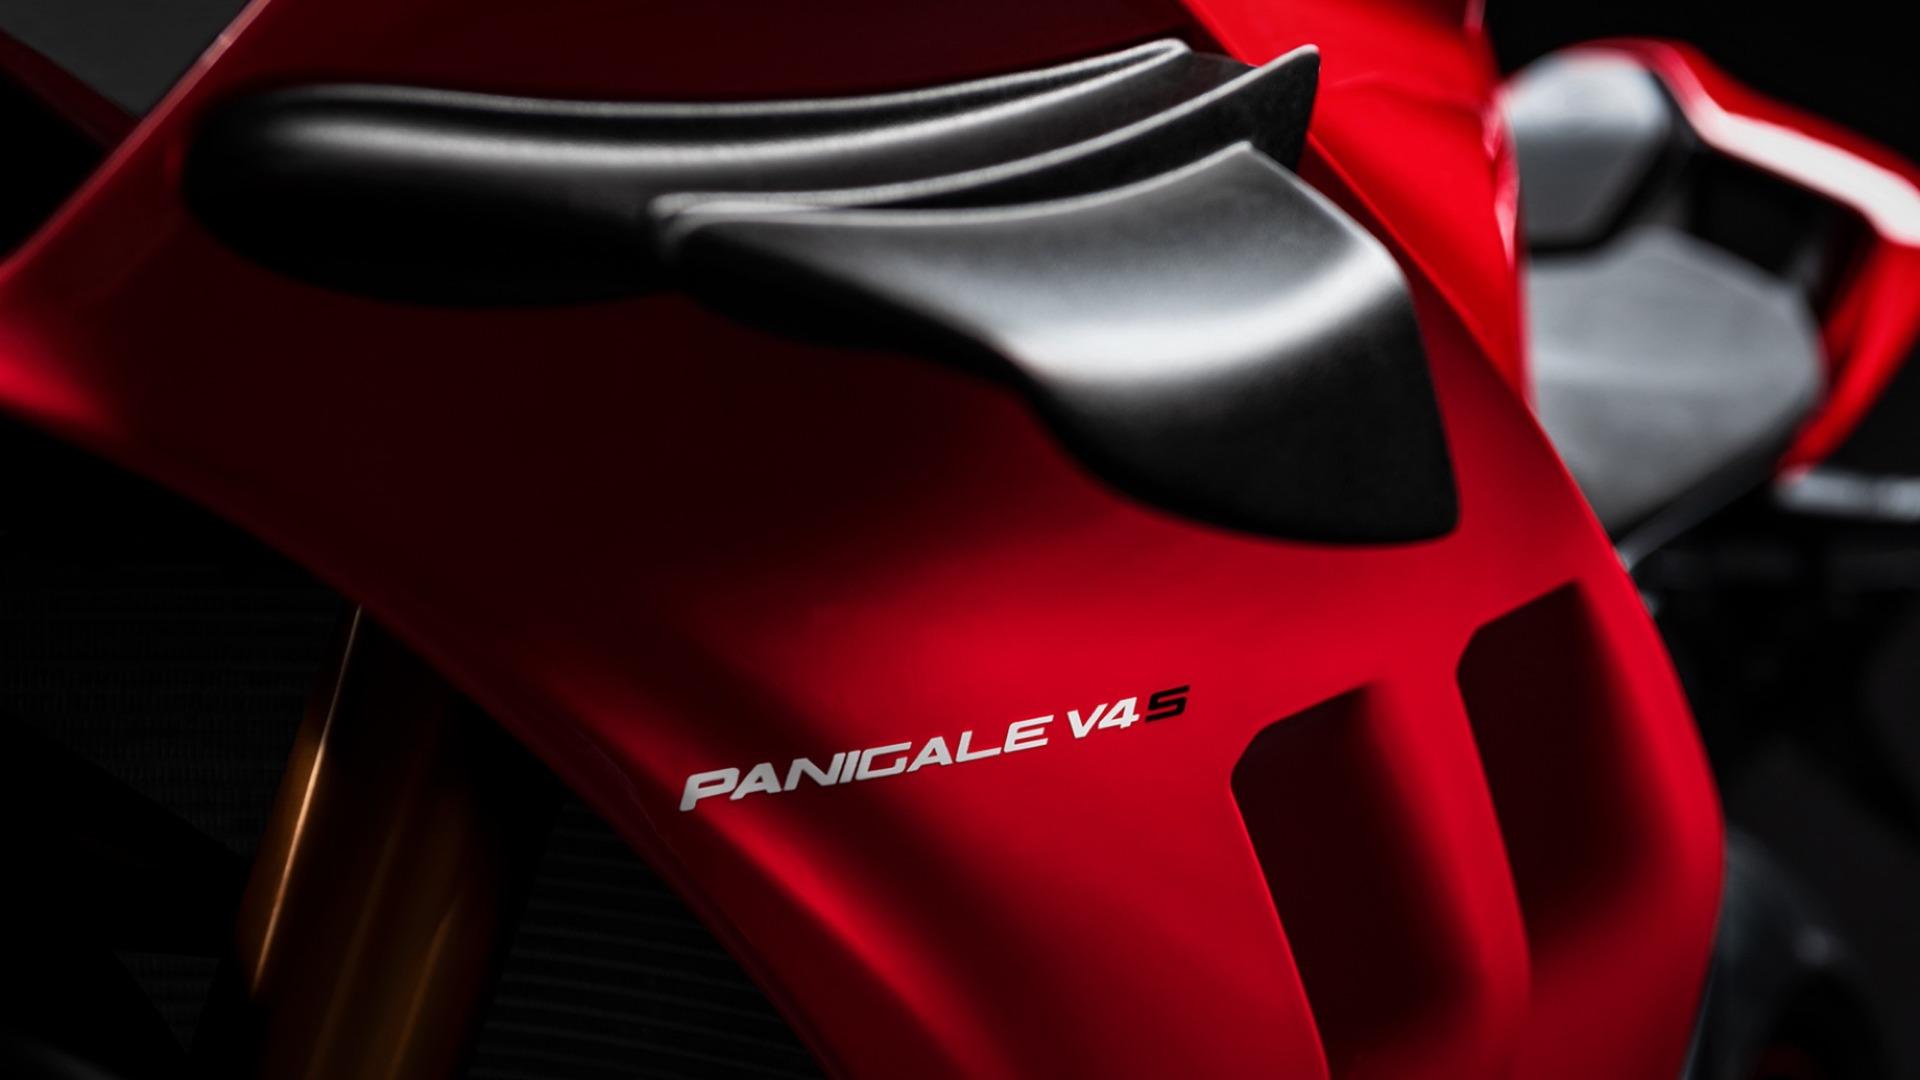 Ducati Panigale V4 2020, fotos de la renovada versión estándar